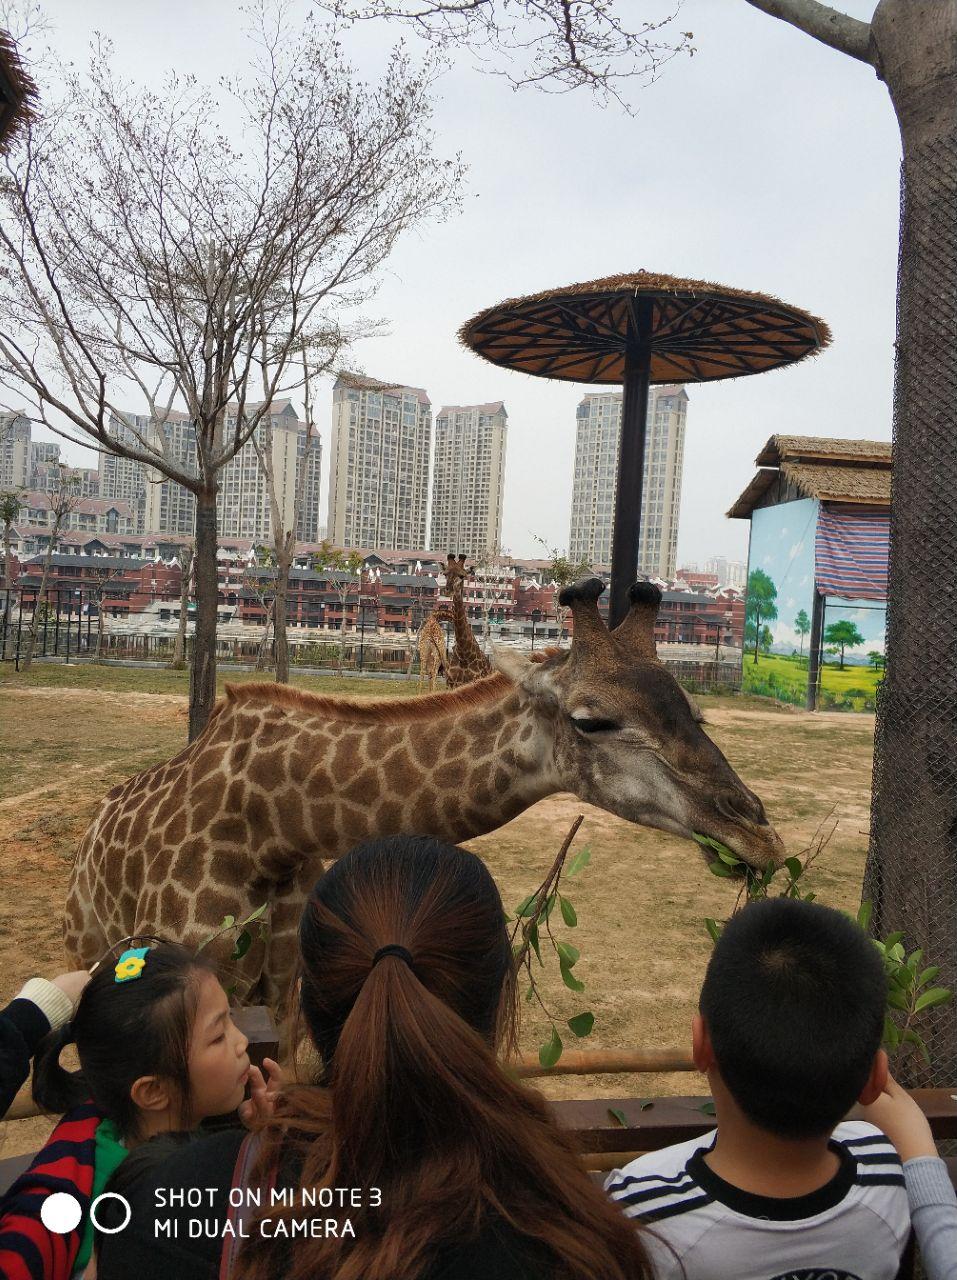 动物园很好玩,马戏团表演很好看!很开心! 2018-02-21有用 ( 0)